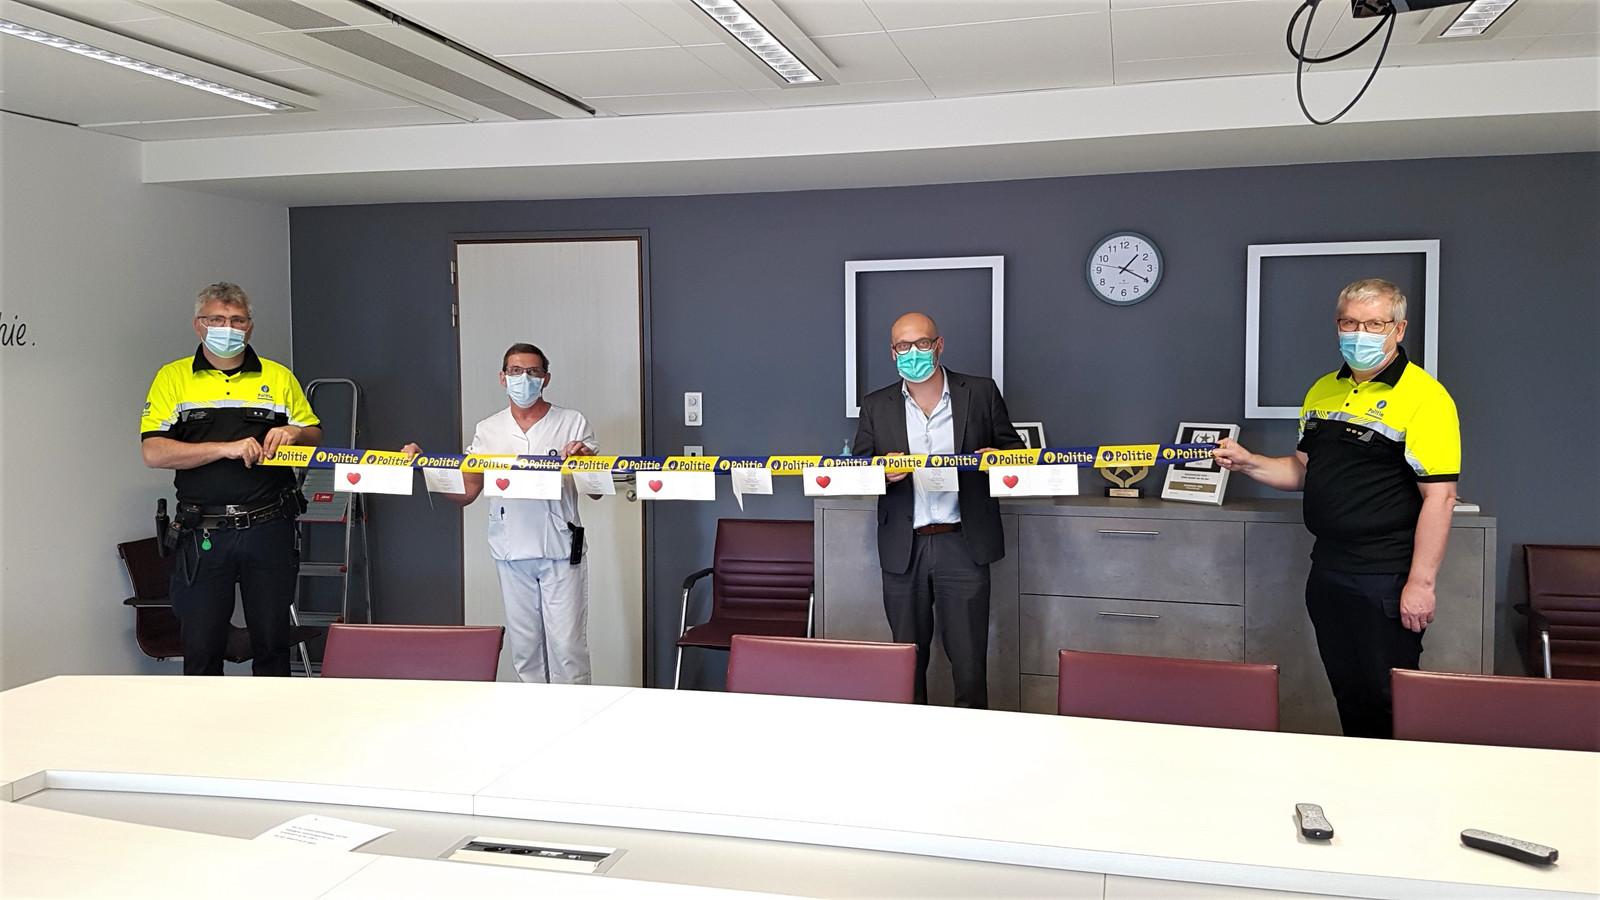 Wijkagent Luk Struyfs (links) en korpschef Dirk Van Aerschot (rechts) overhandigen enkele kaartjes aan Francis Hannes, hoofdverpleegkundige op intensieve zorgen, en directeur Jan Flament.